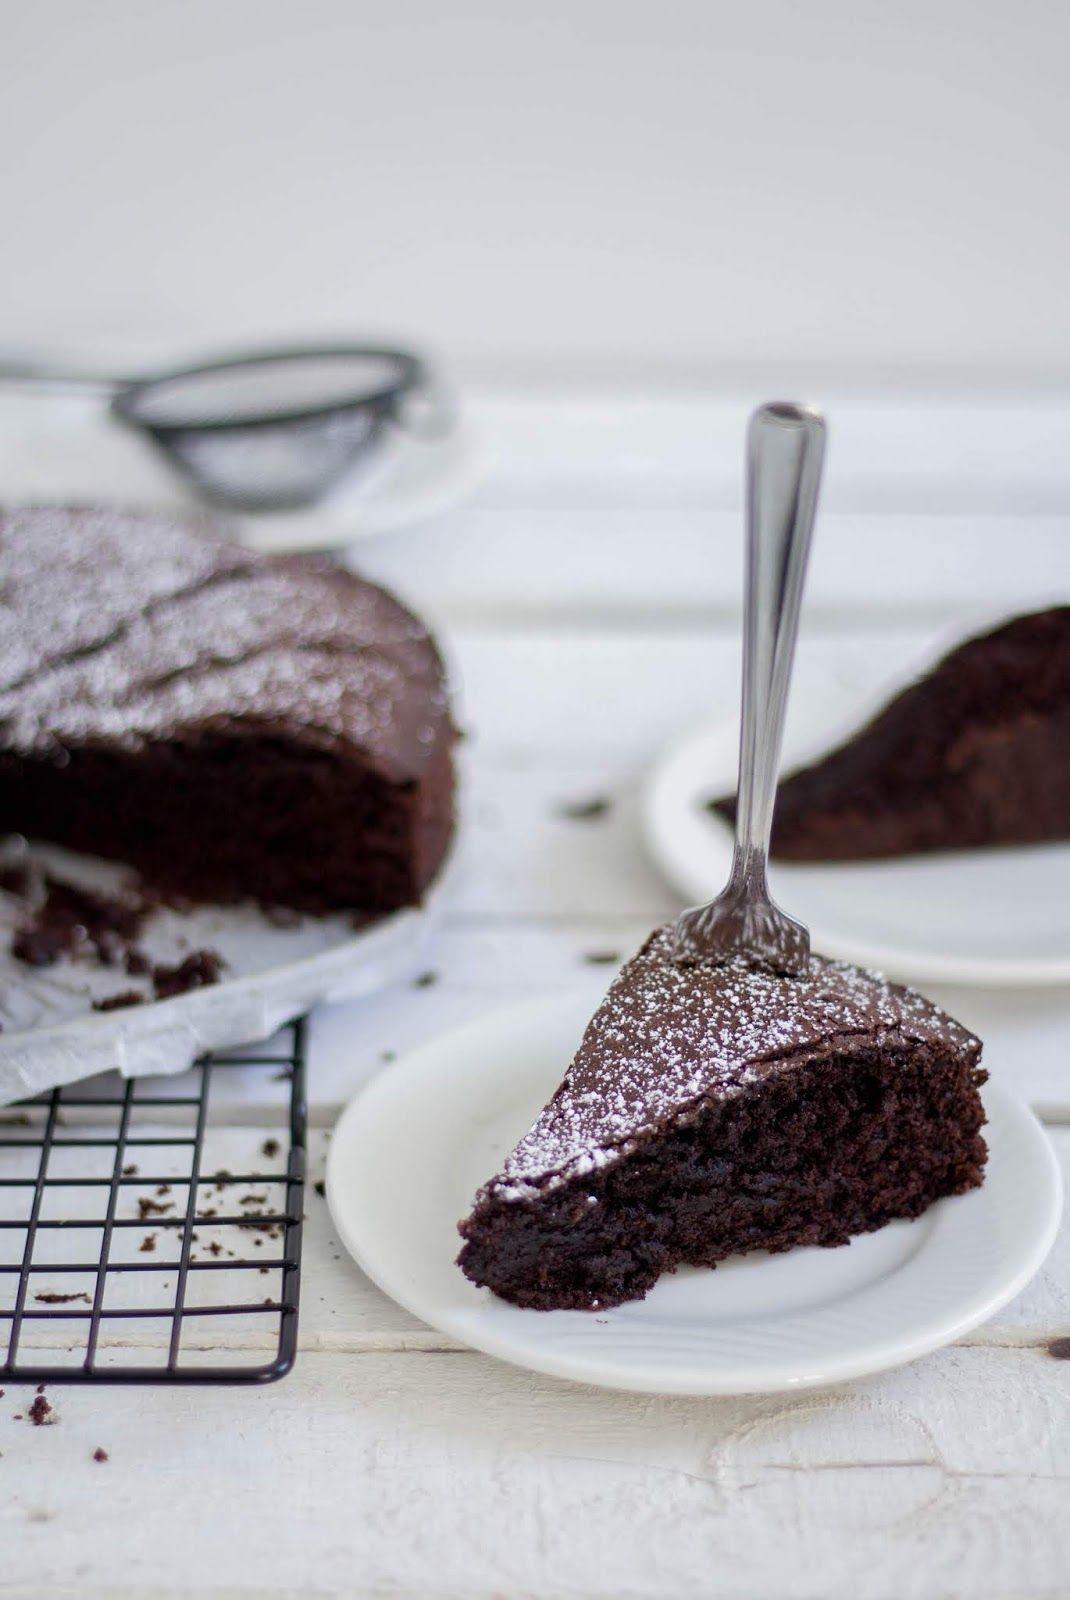 Der Wohl Beste Schokoladenkuchen Der Welt Schokoladen Kuchen Bester Schokoladenkuchen Schokoladenkuchen